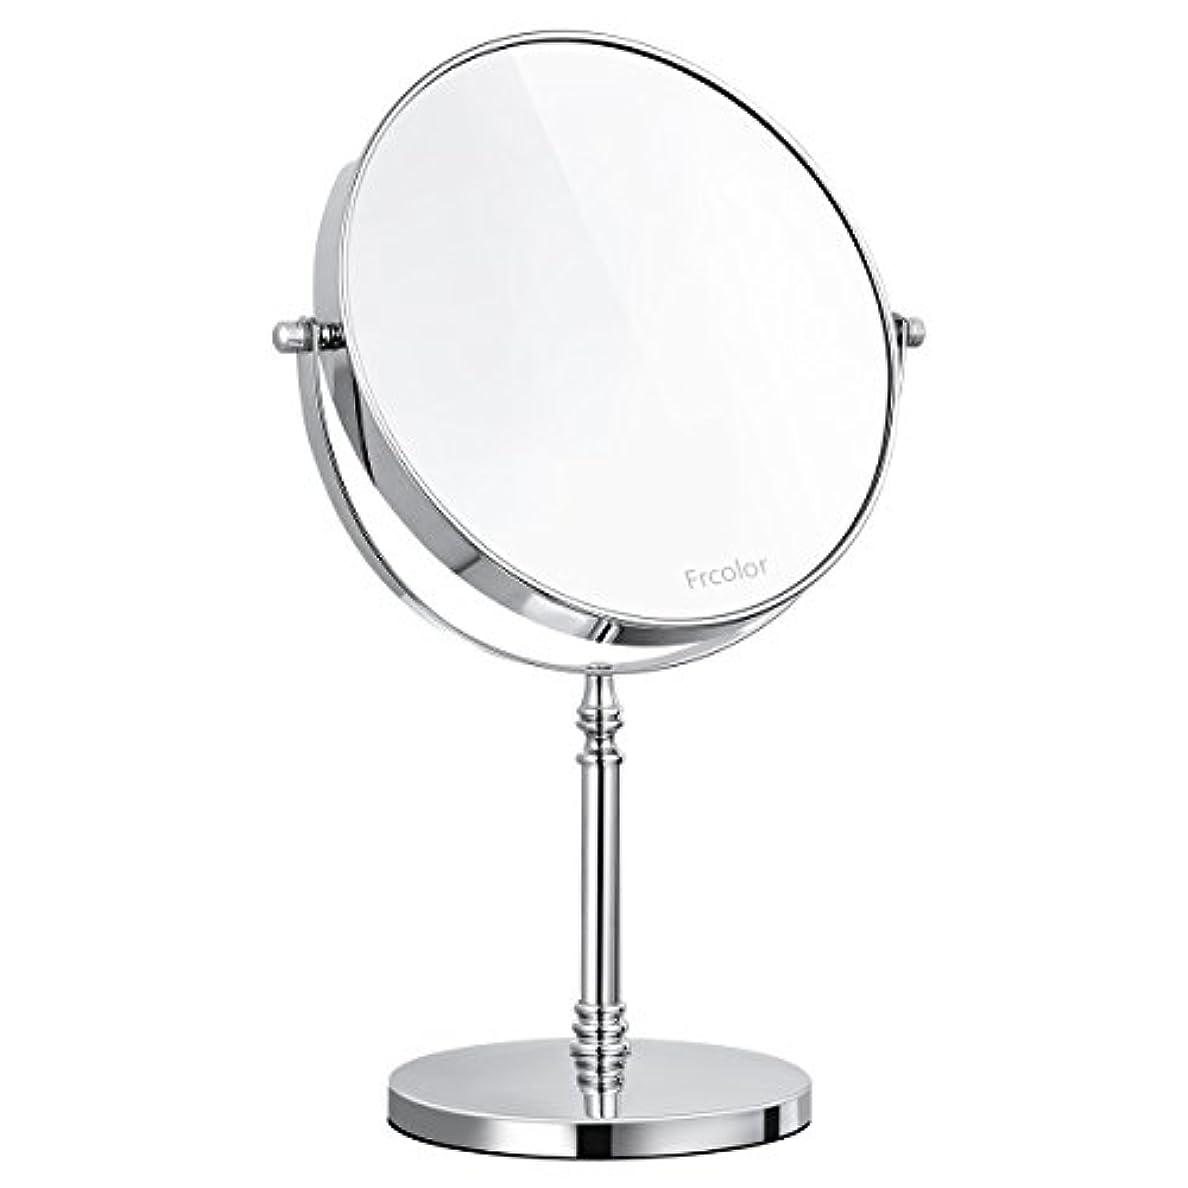 テクニカルスパーク天気Frcolor 化粧鏡 卓上ミラー 両面鏡 スタンドミラー 10倍拡大鏡 ラウンド 拭く布を付き 8インチ 360度回転 メイクアップミラー